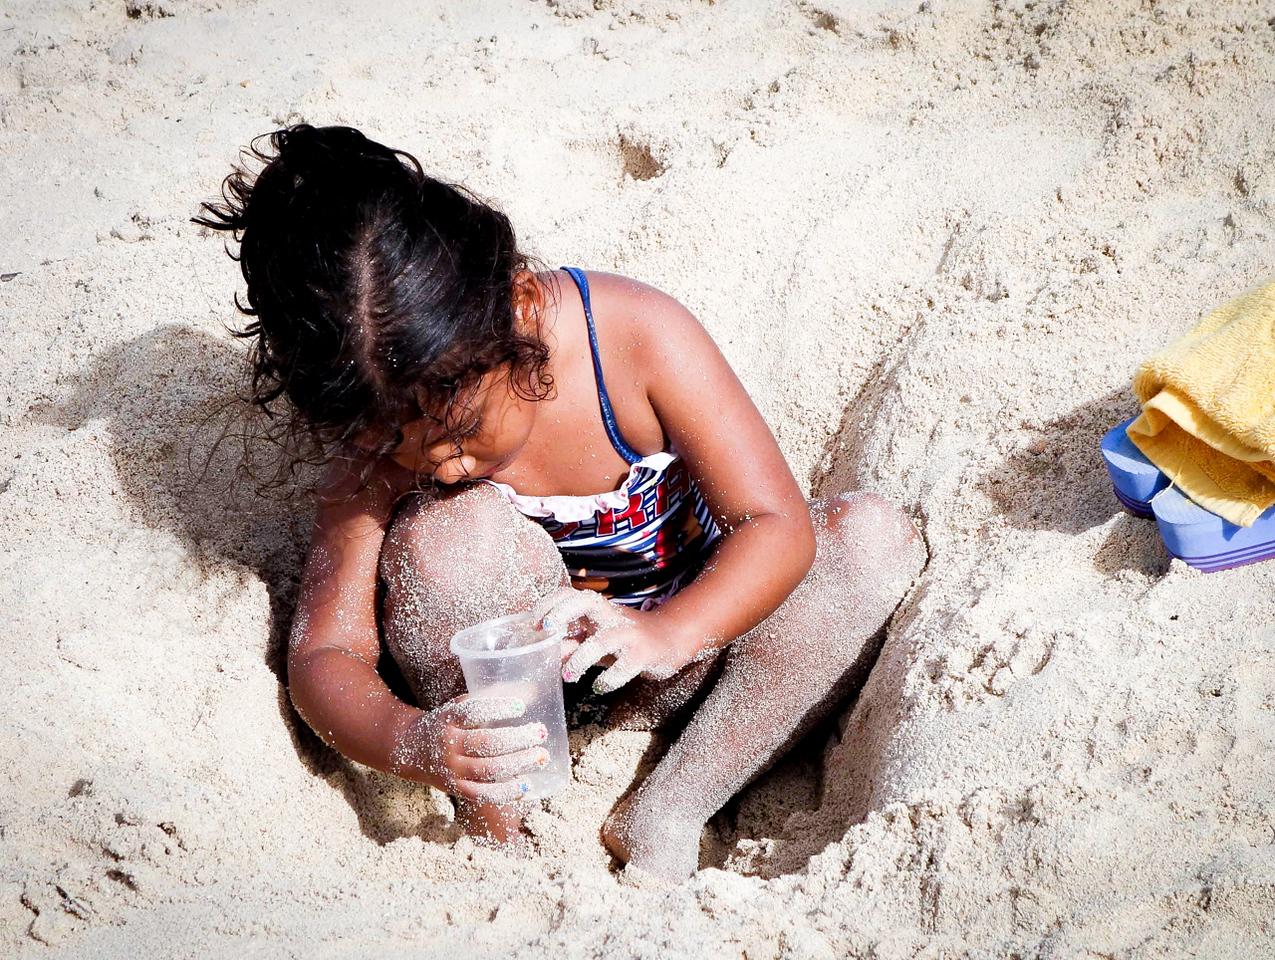 IMAGE: https://photos.smugmug.com/Cuba-2011-/Beaches/i-fNgZ6hB/0/87472ccf/X2/5296-X2.jpg